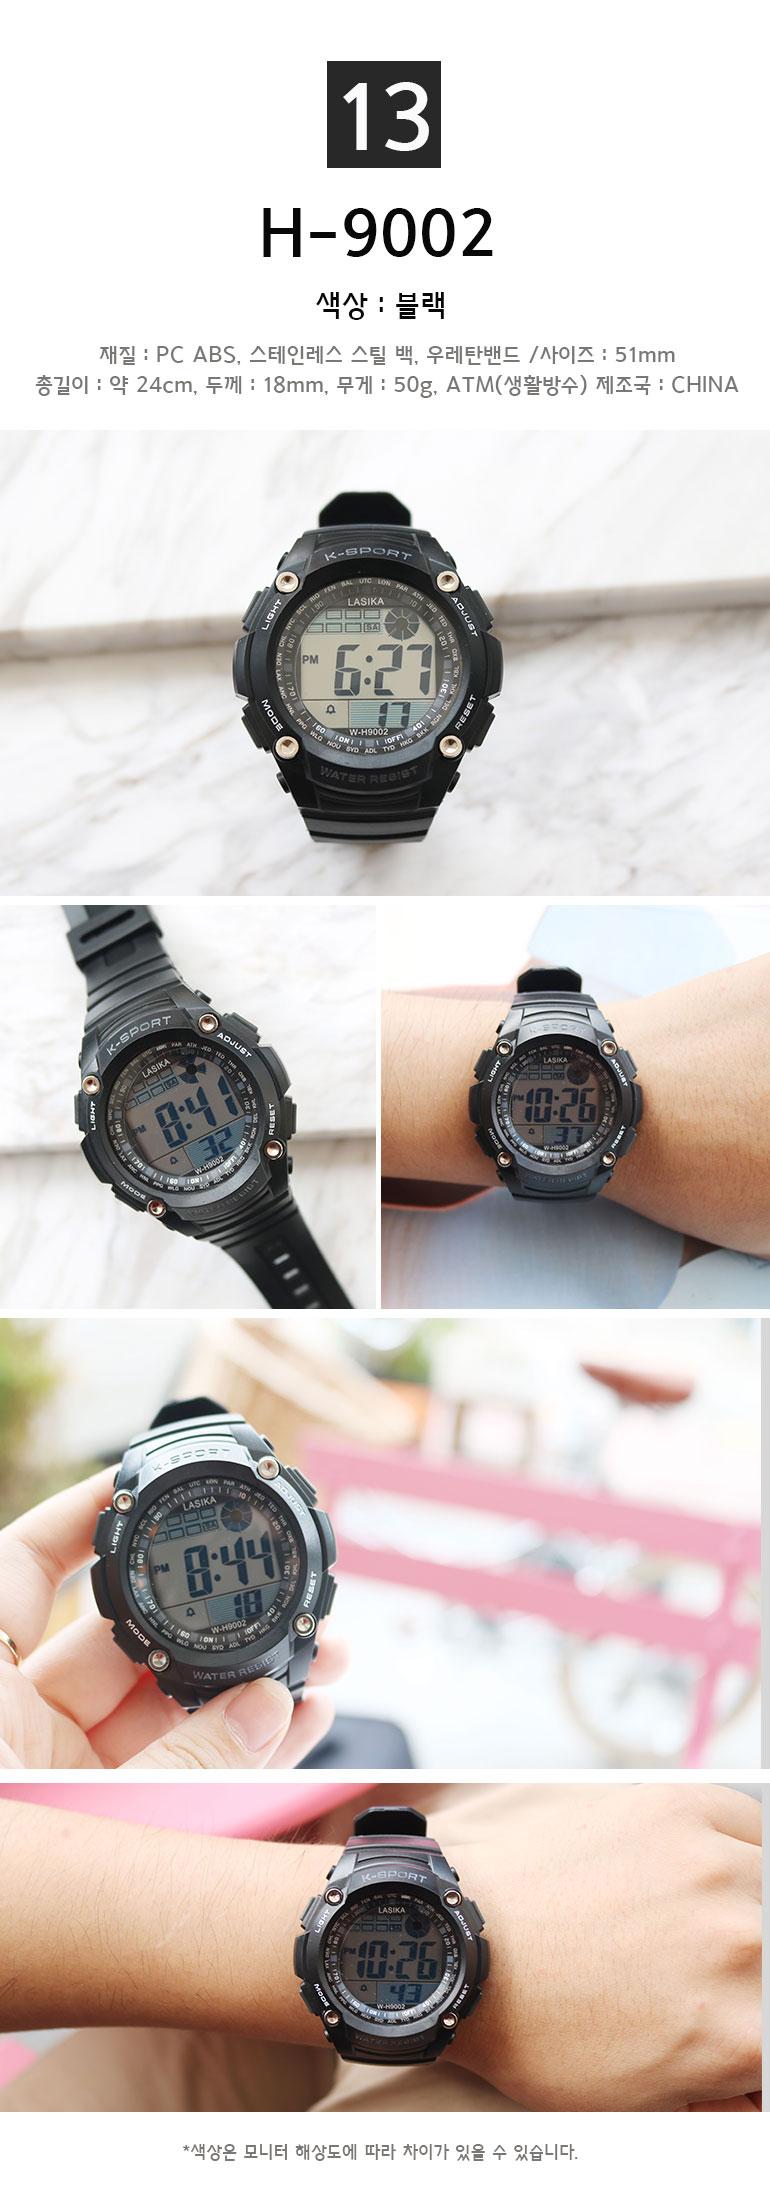 H9002 군인 전자시계 - 라콘, 11,900원, 남성시계, 전자시계